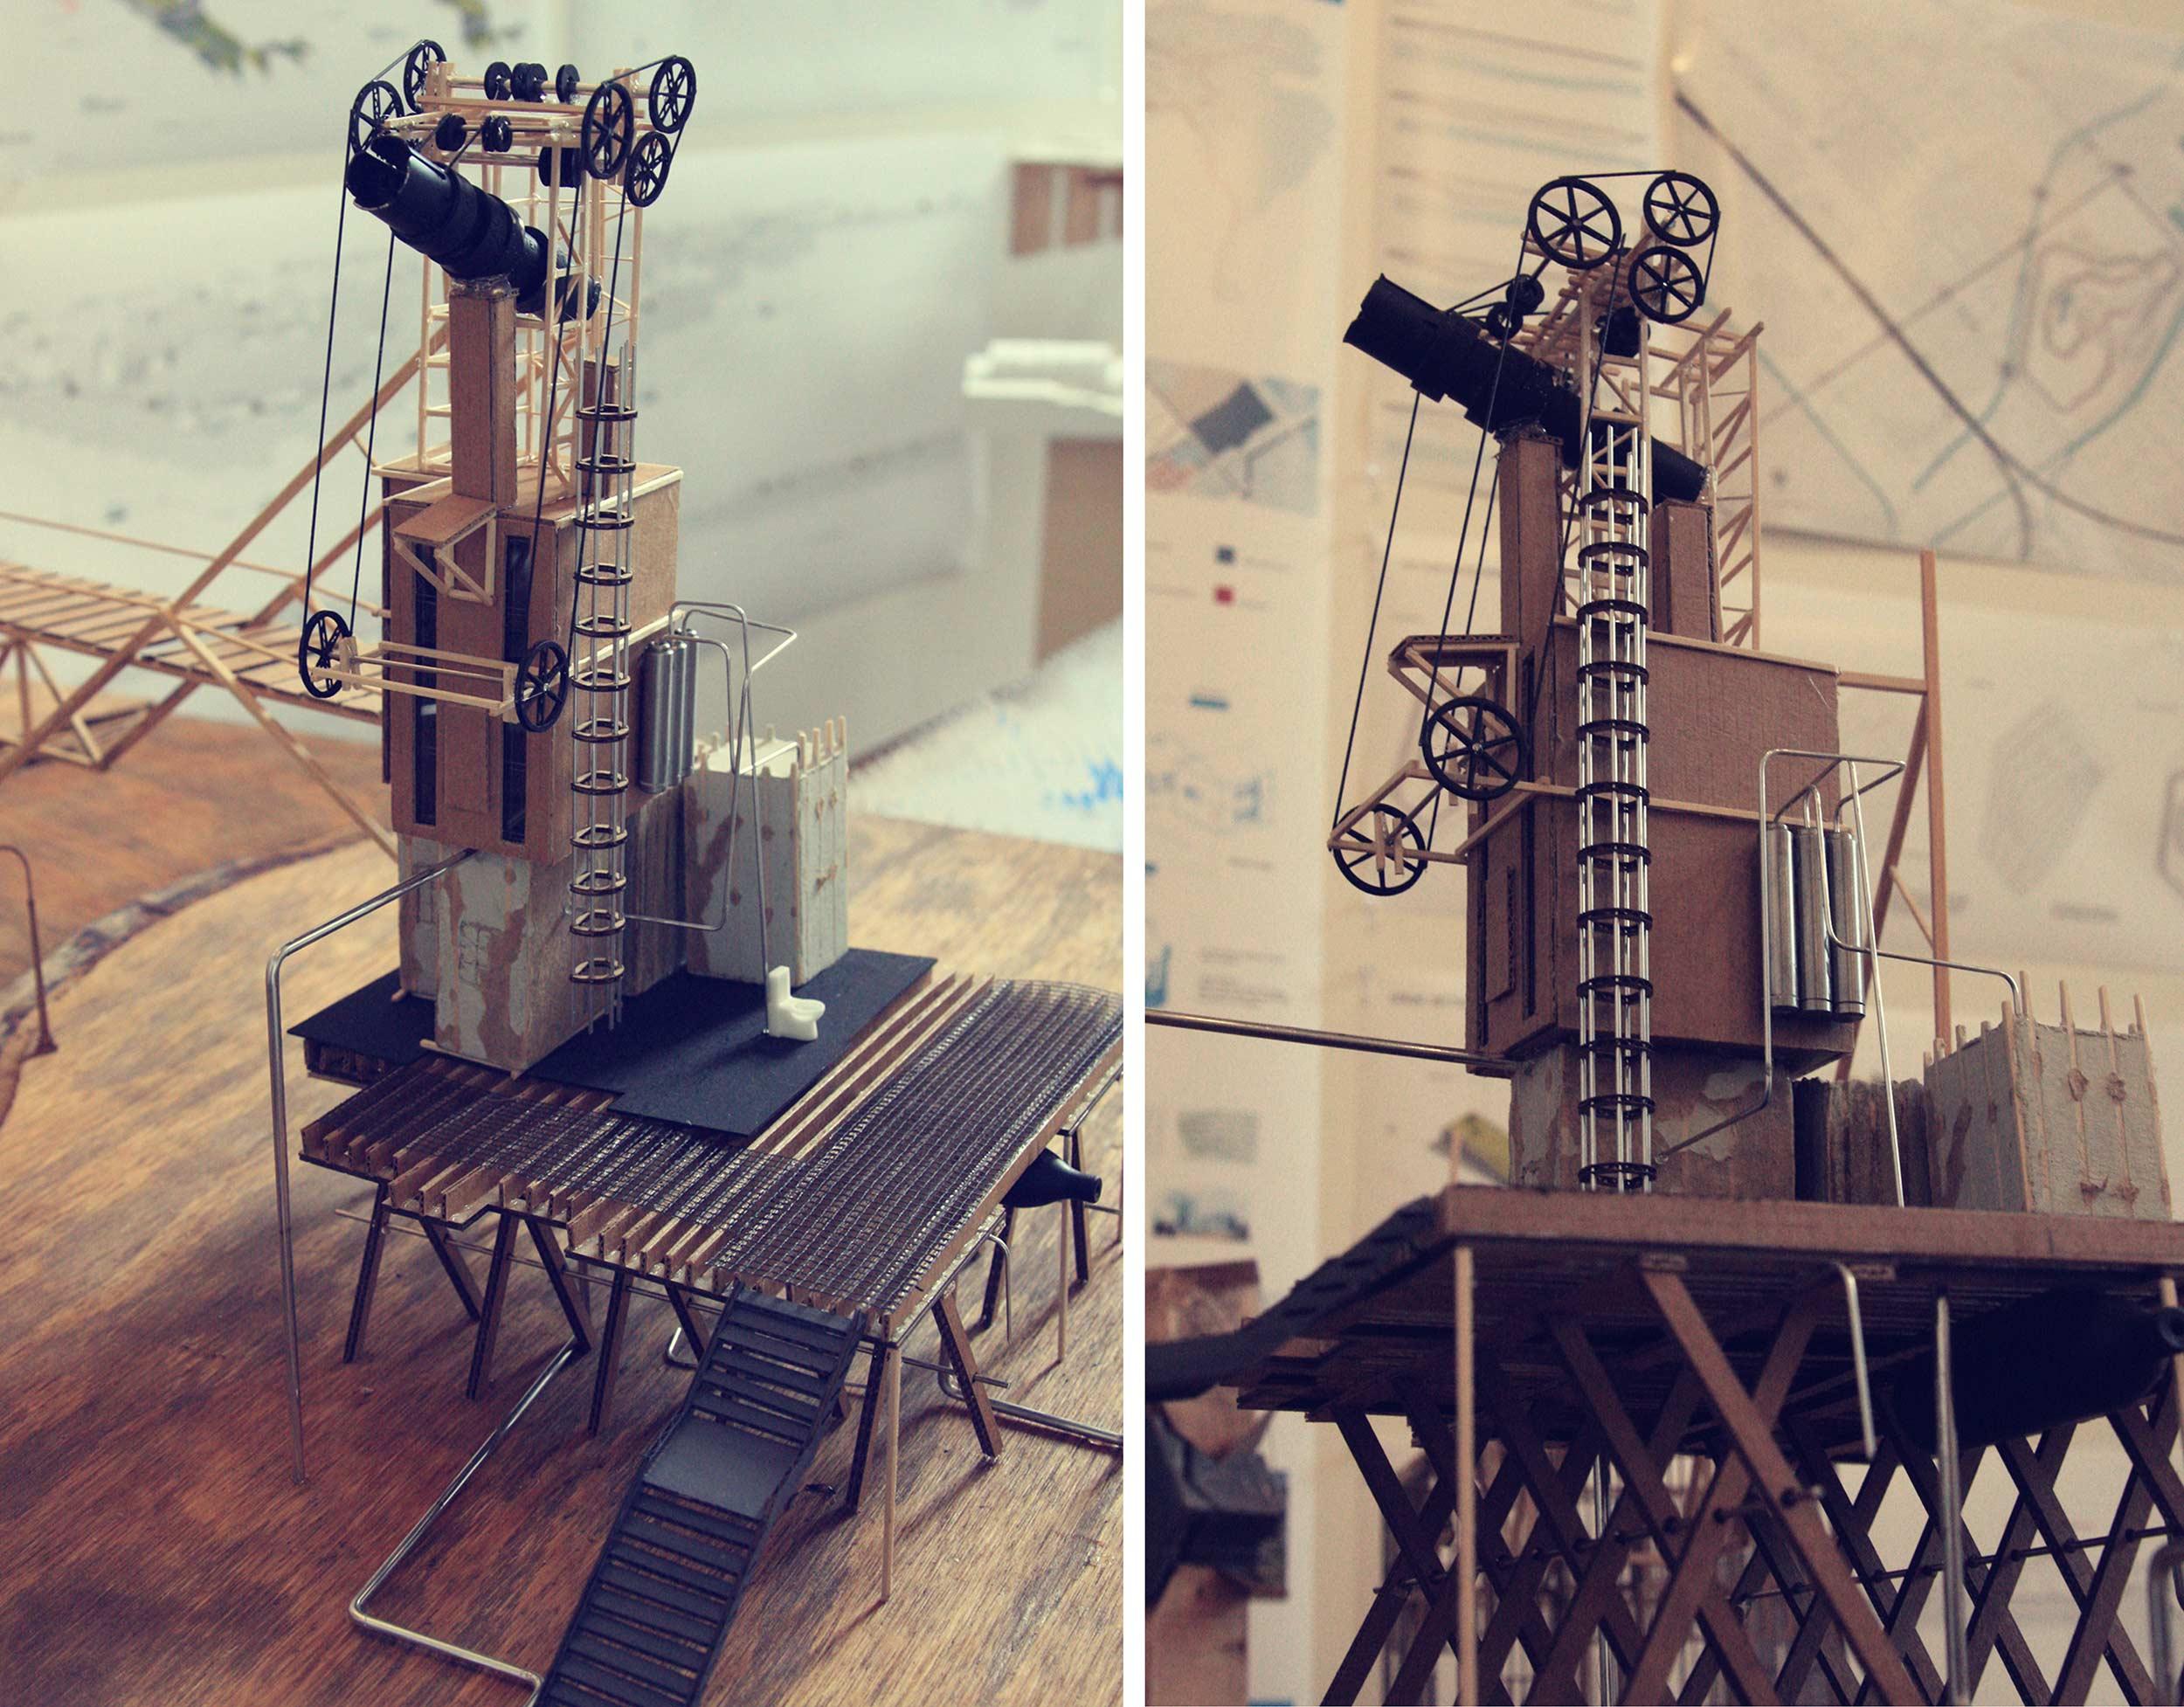 retrofitting-the-american-dream-archillusion-desgin-08.jpg